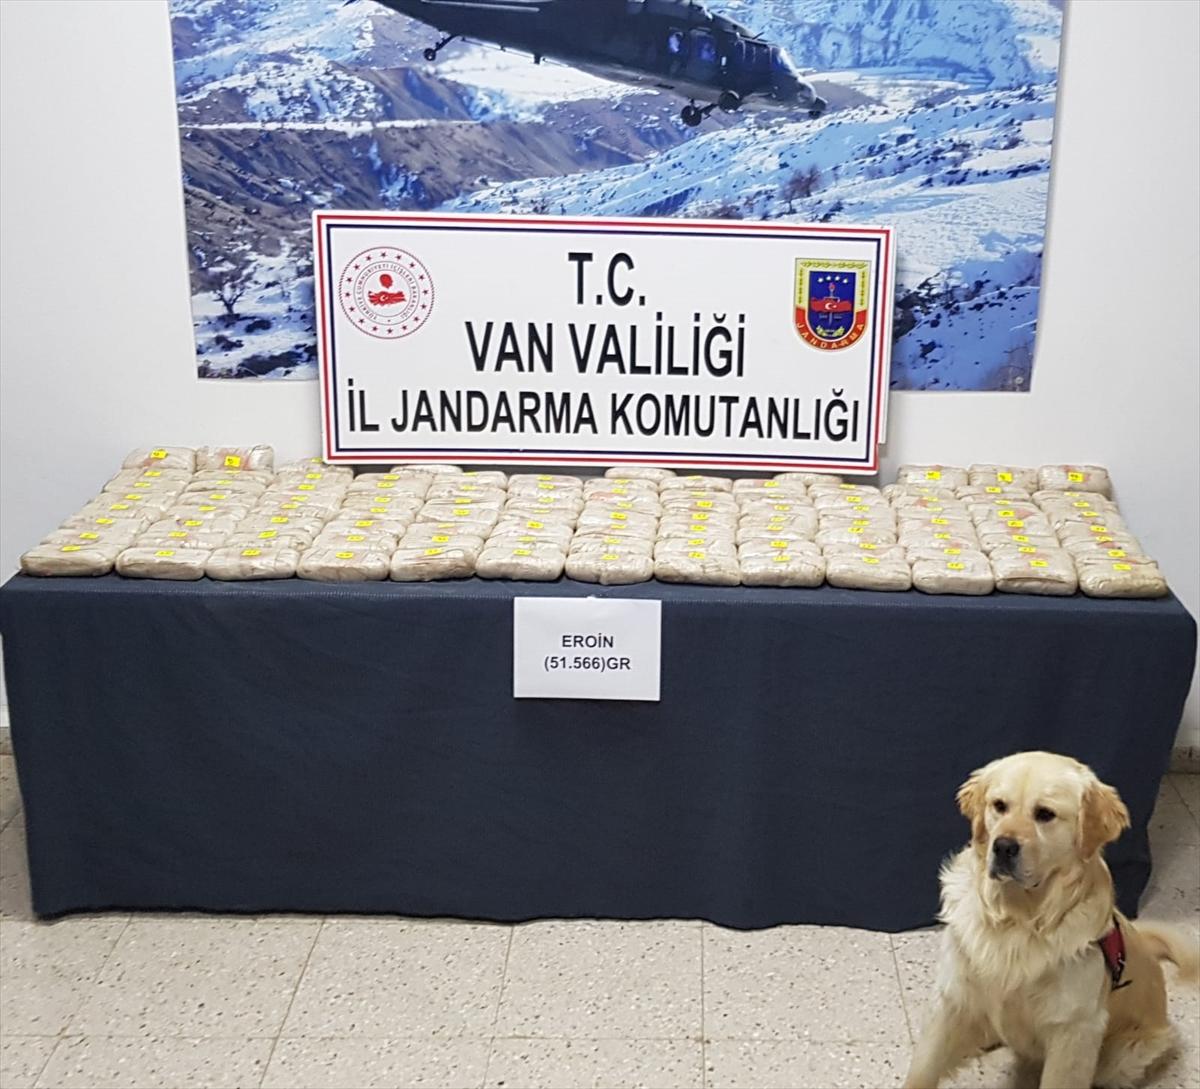 Van'da 51 kilo 566 gram eroin ele geçirildi